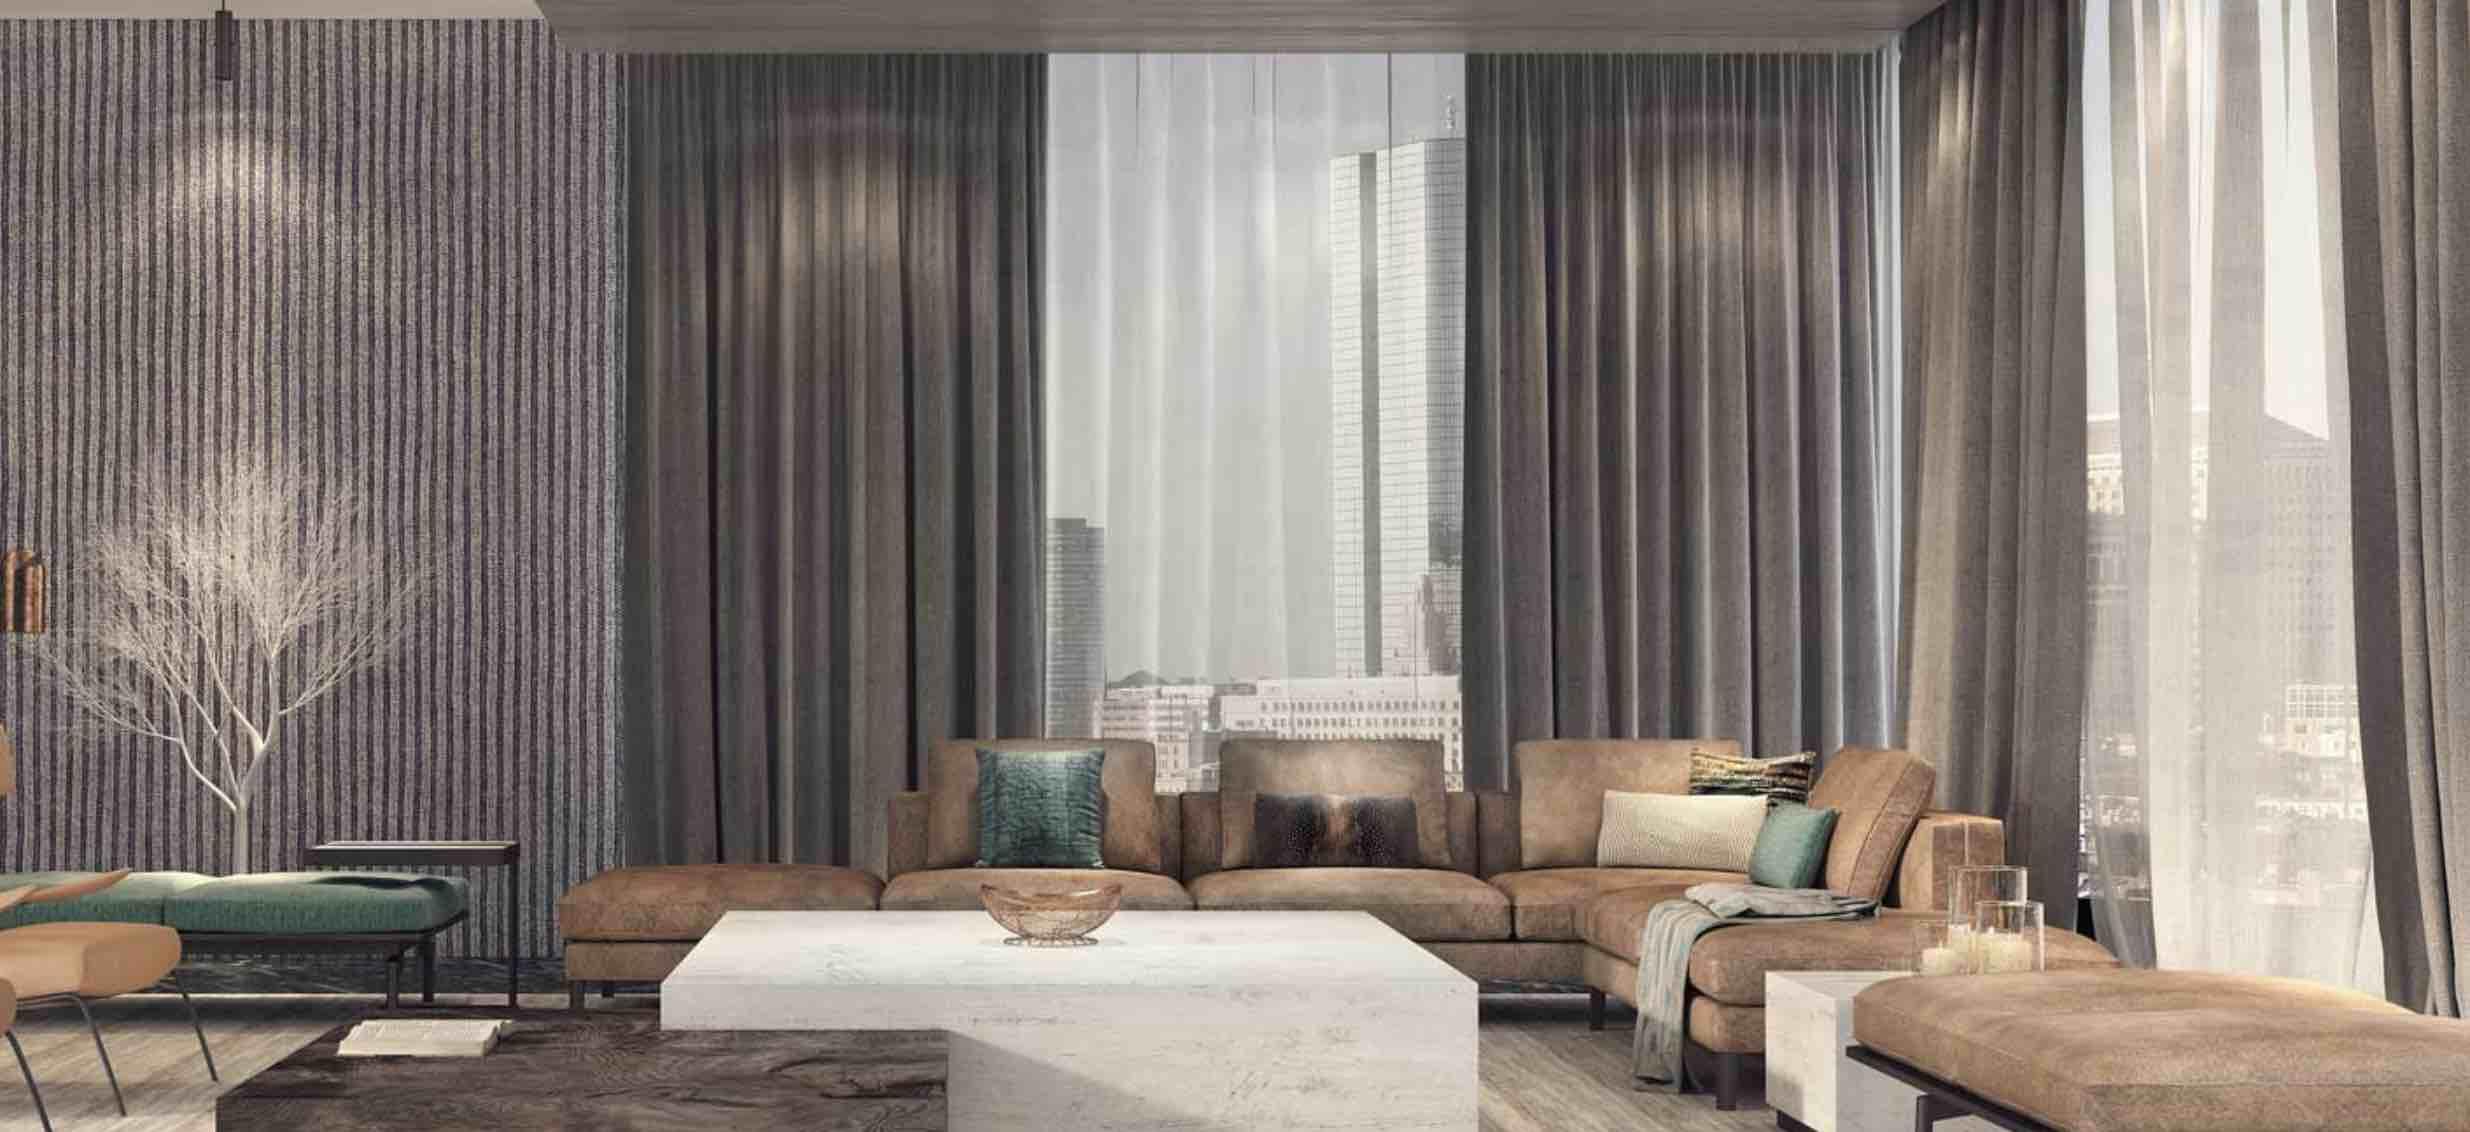 cortinas para decorar las ventanas